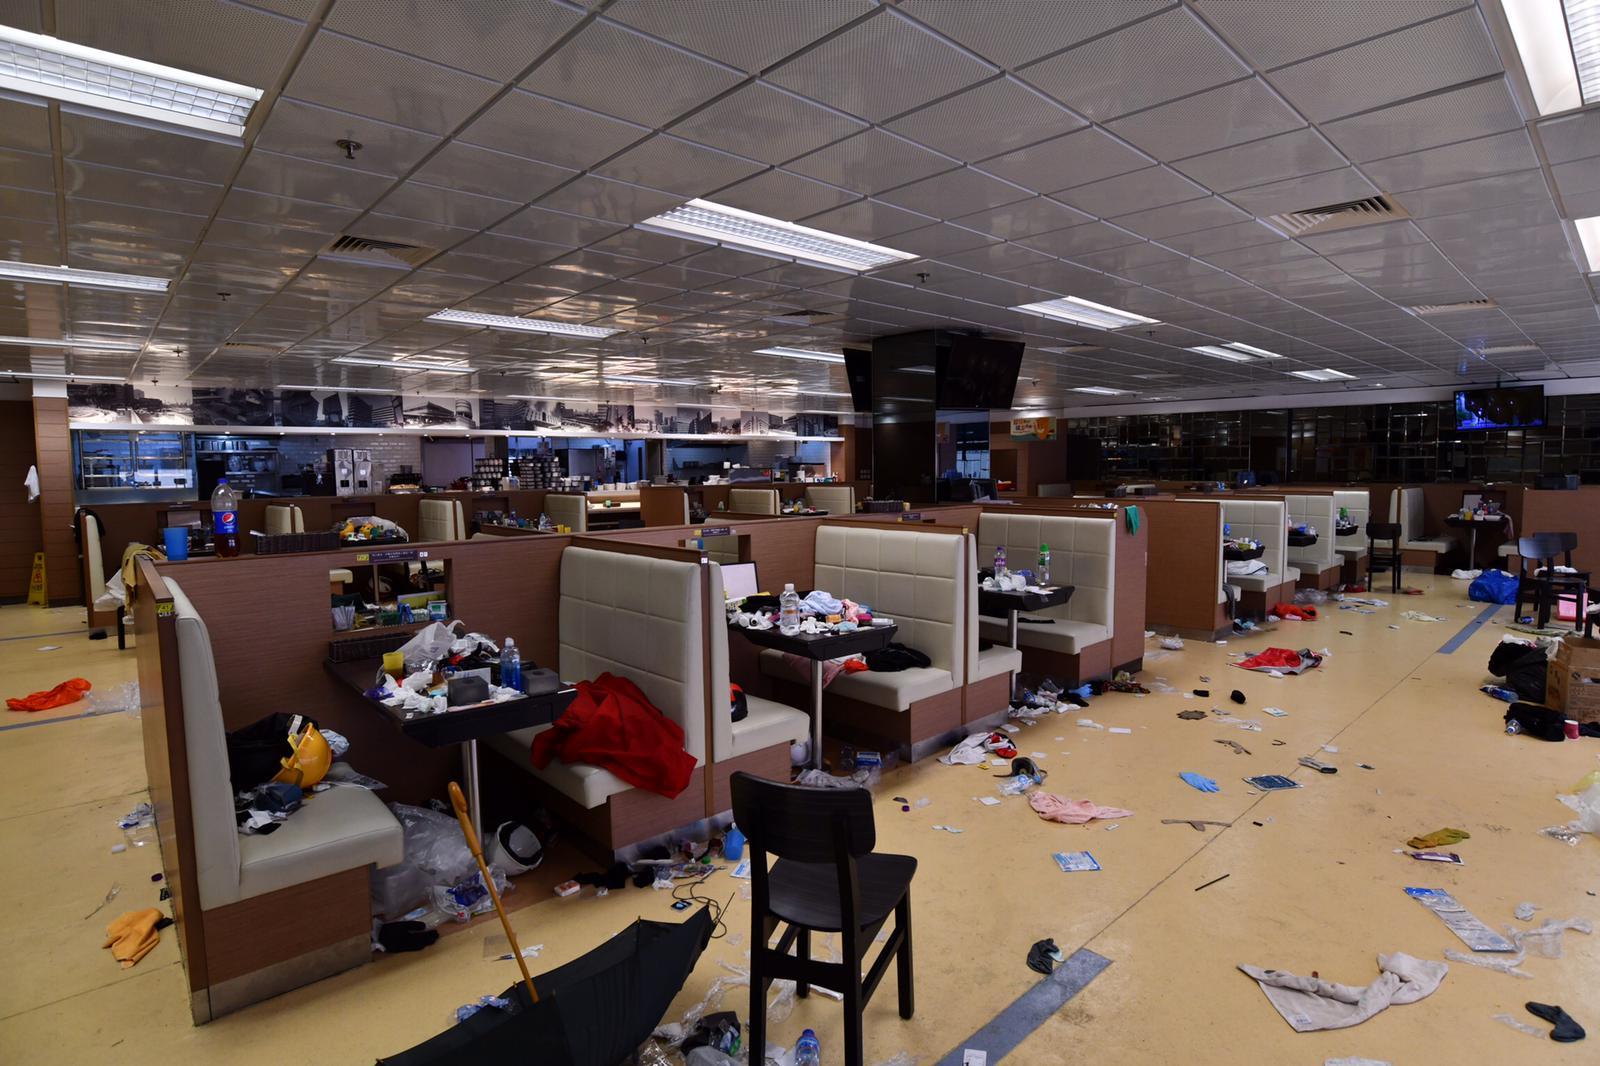 飯堂的桌椅和地上滿是膠水樽、頭盔與雜物,凌亂不堪。